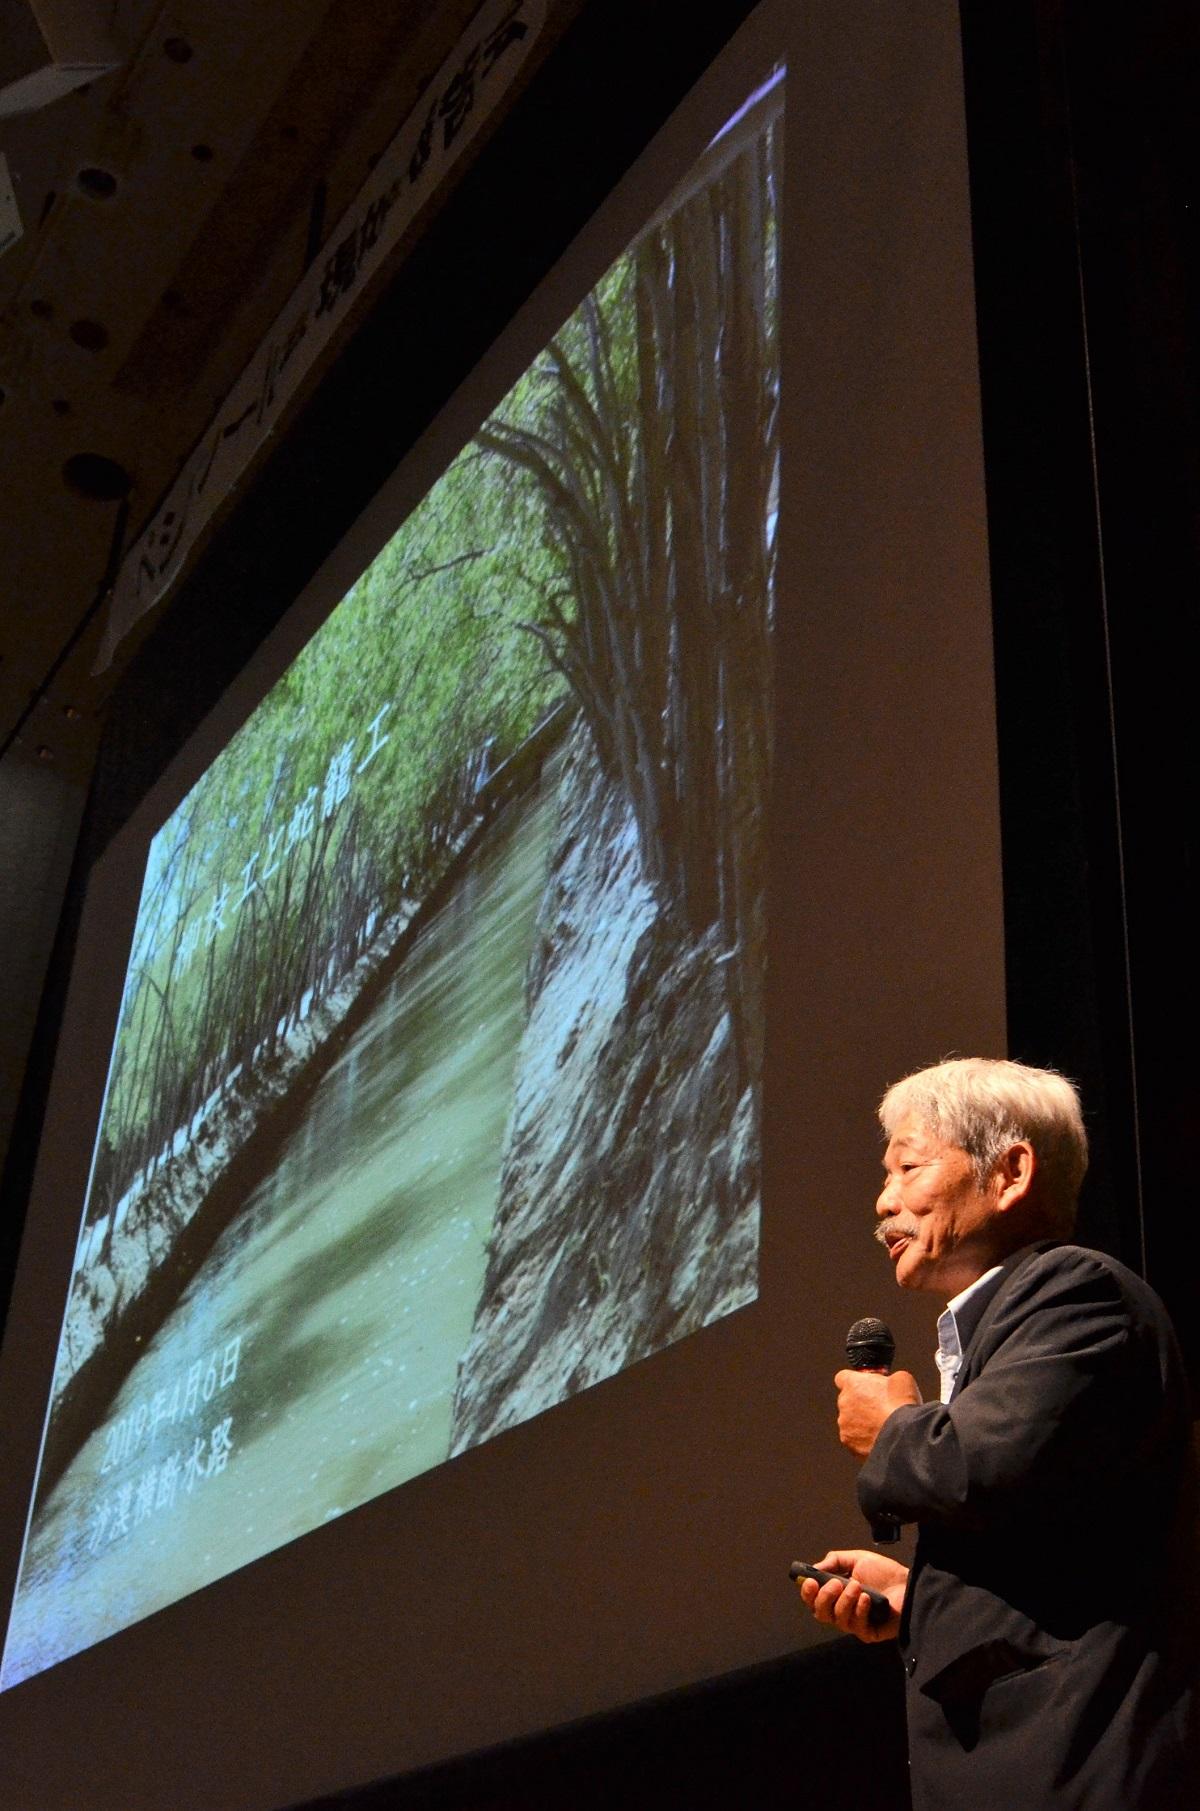 写真・図版 : 緑が茂る用水路の写真を示し、アフガンでの活動を語る中村哲さん=2019年6月1日、福岡市の西南学院大学